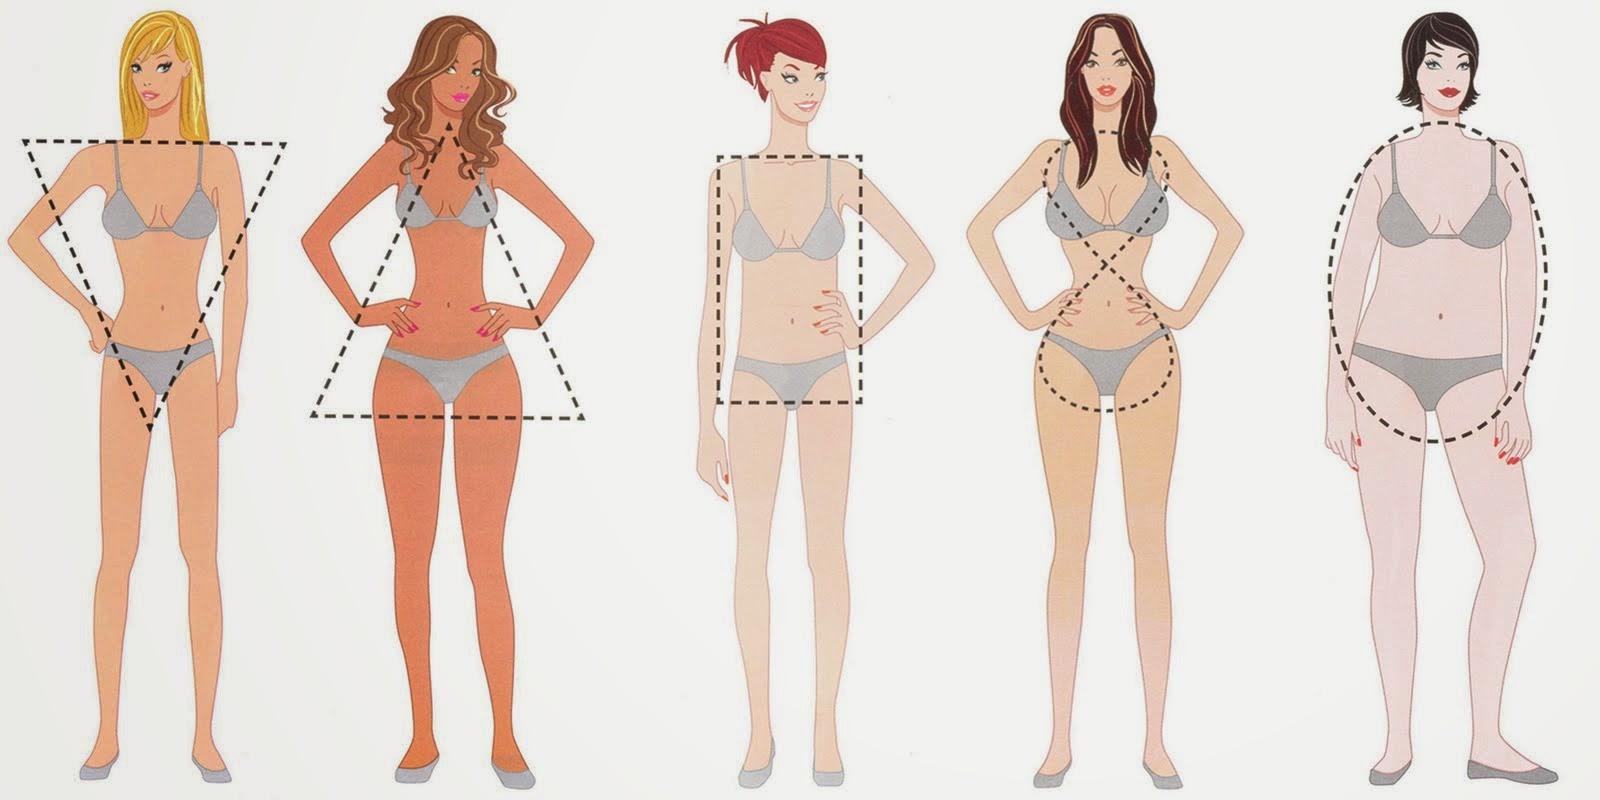 Saiba qual é o seu Biótipo e aprenda a vestir-se para o seu tipo de corpo. Valorize a sua Silhueta e a sua Imagem. Dicas de Moda e Imagem da Personal Stylist Cláudia Nascimento no Blog de Moda Style Statement. Consultoria de imagem. Valorização pessoal. Blog de moda portugal, blogues de moda portugueses. Qual é o seu biótipo? Ampulheta, Pêra, Oval, Triângulo invertido.